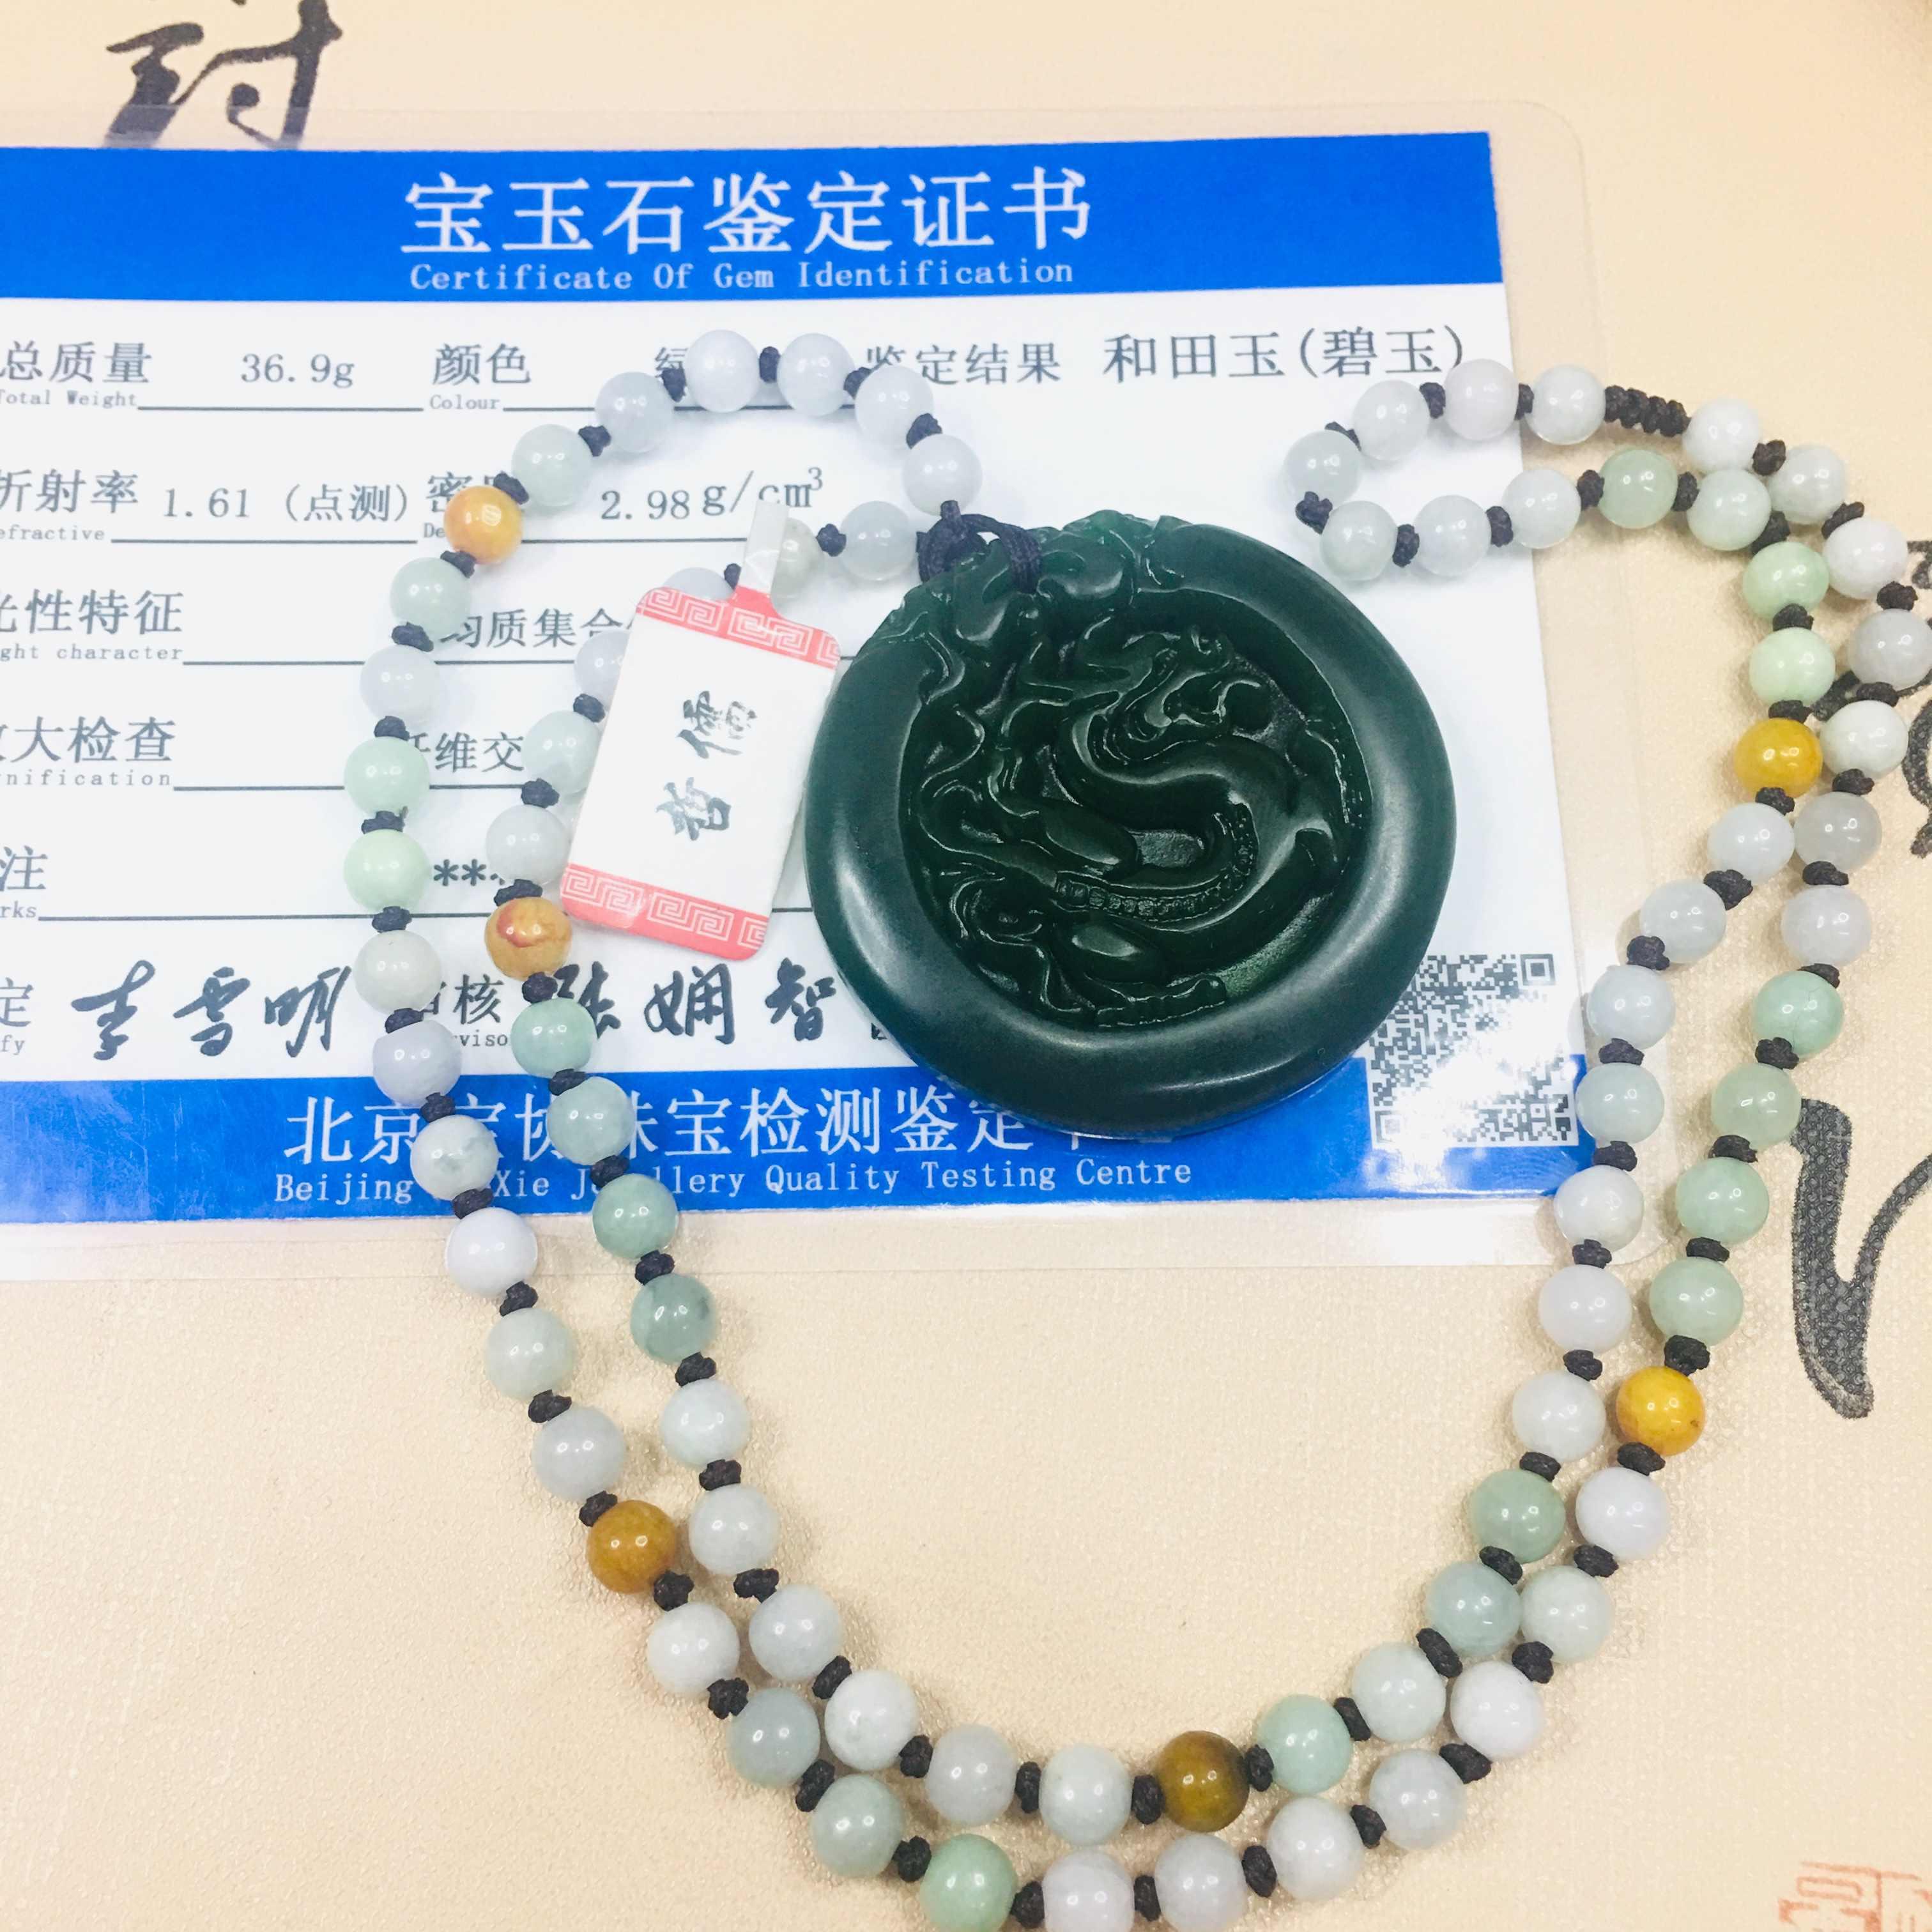 Zheru biżuteria czysty naturalny kolorowe Jade rzeźbione w stylu Vintage latający smok wisiorek lodu dolnej części światła zielony Jade koralik naszyjnik